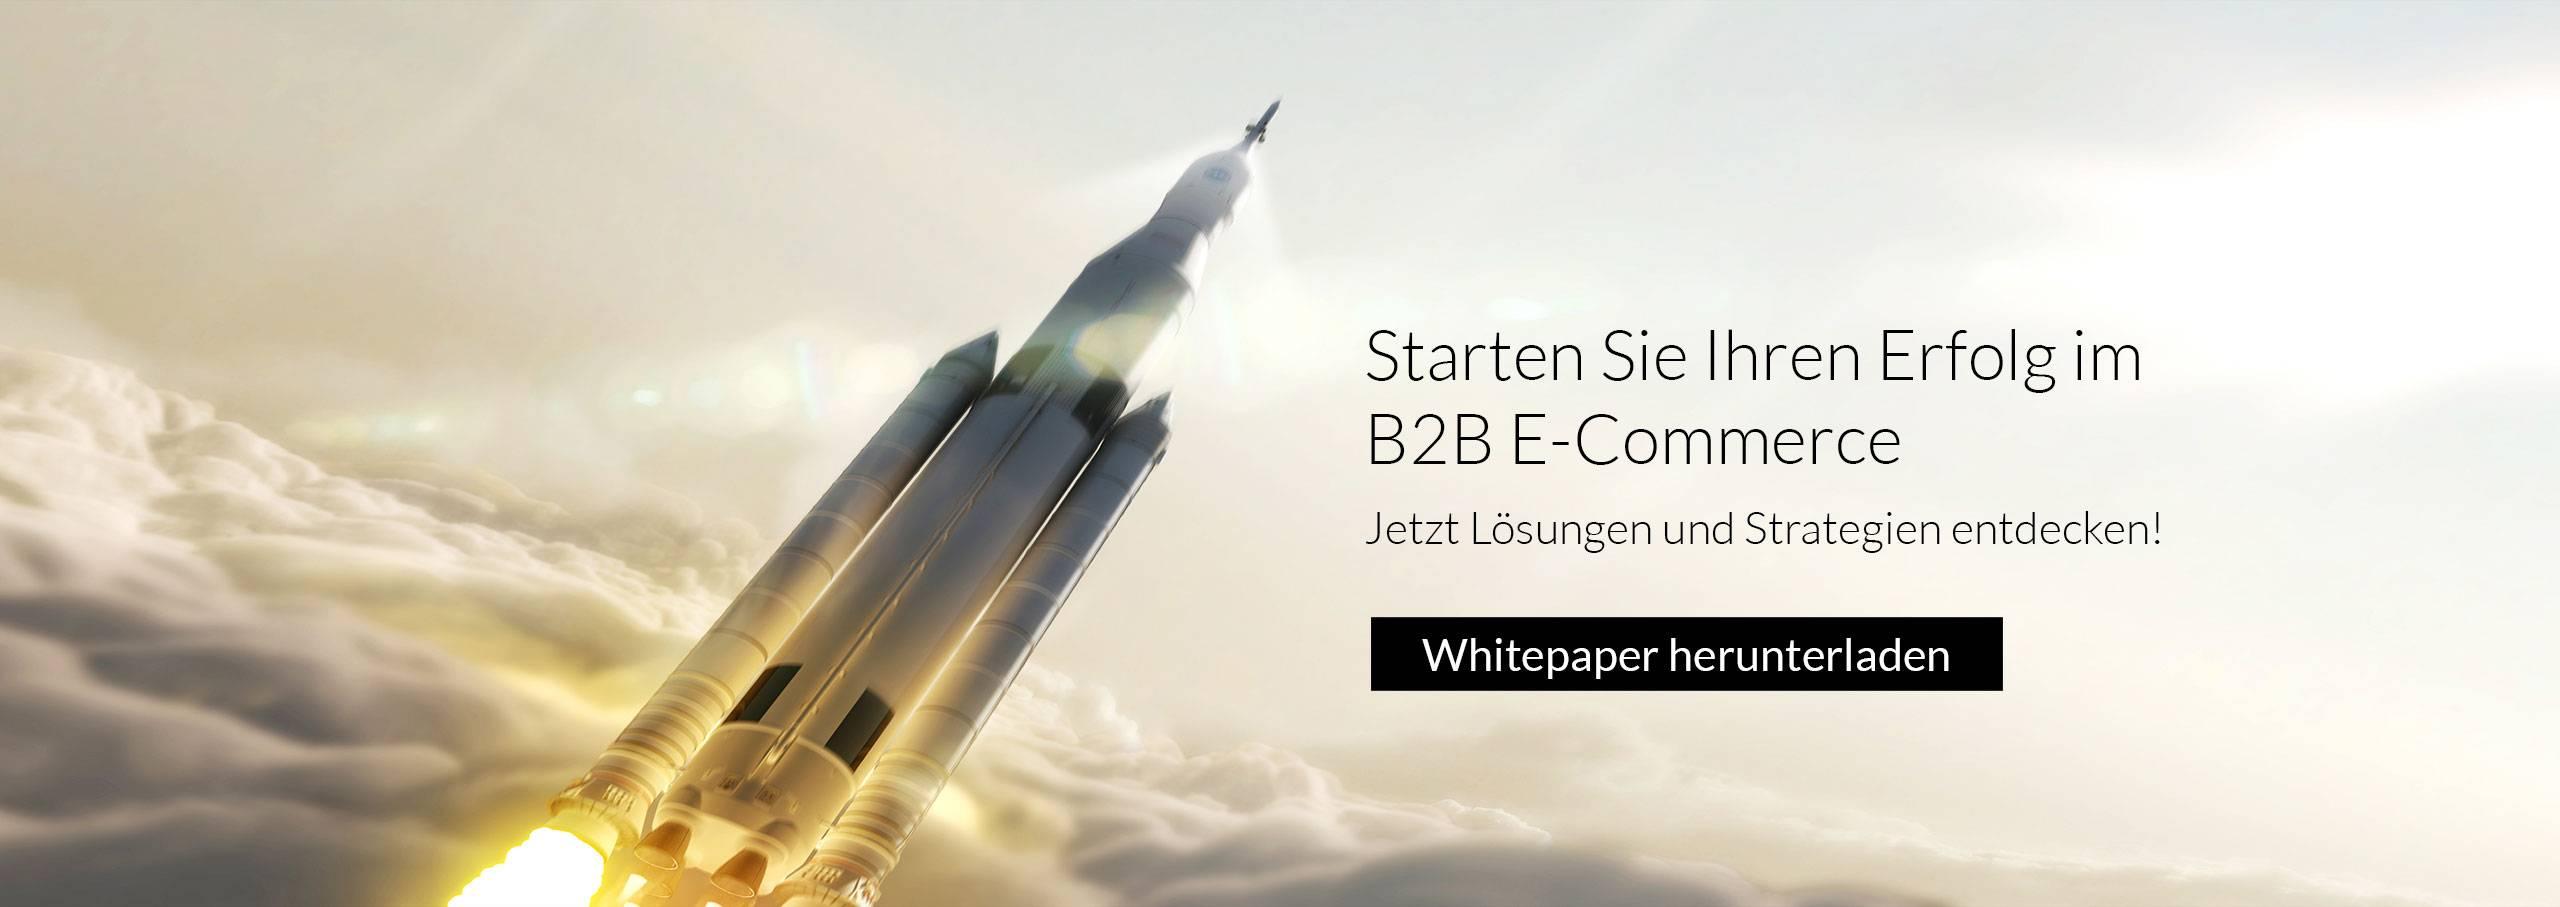 Starten Sie Ihren Erfolg im B2B E-Commerce